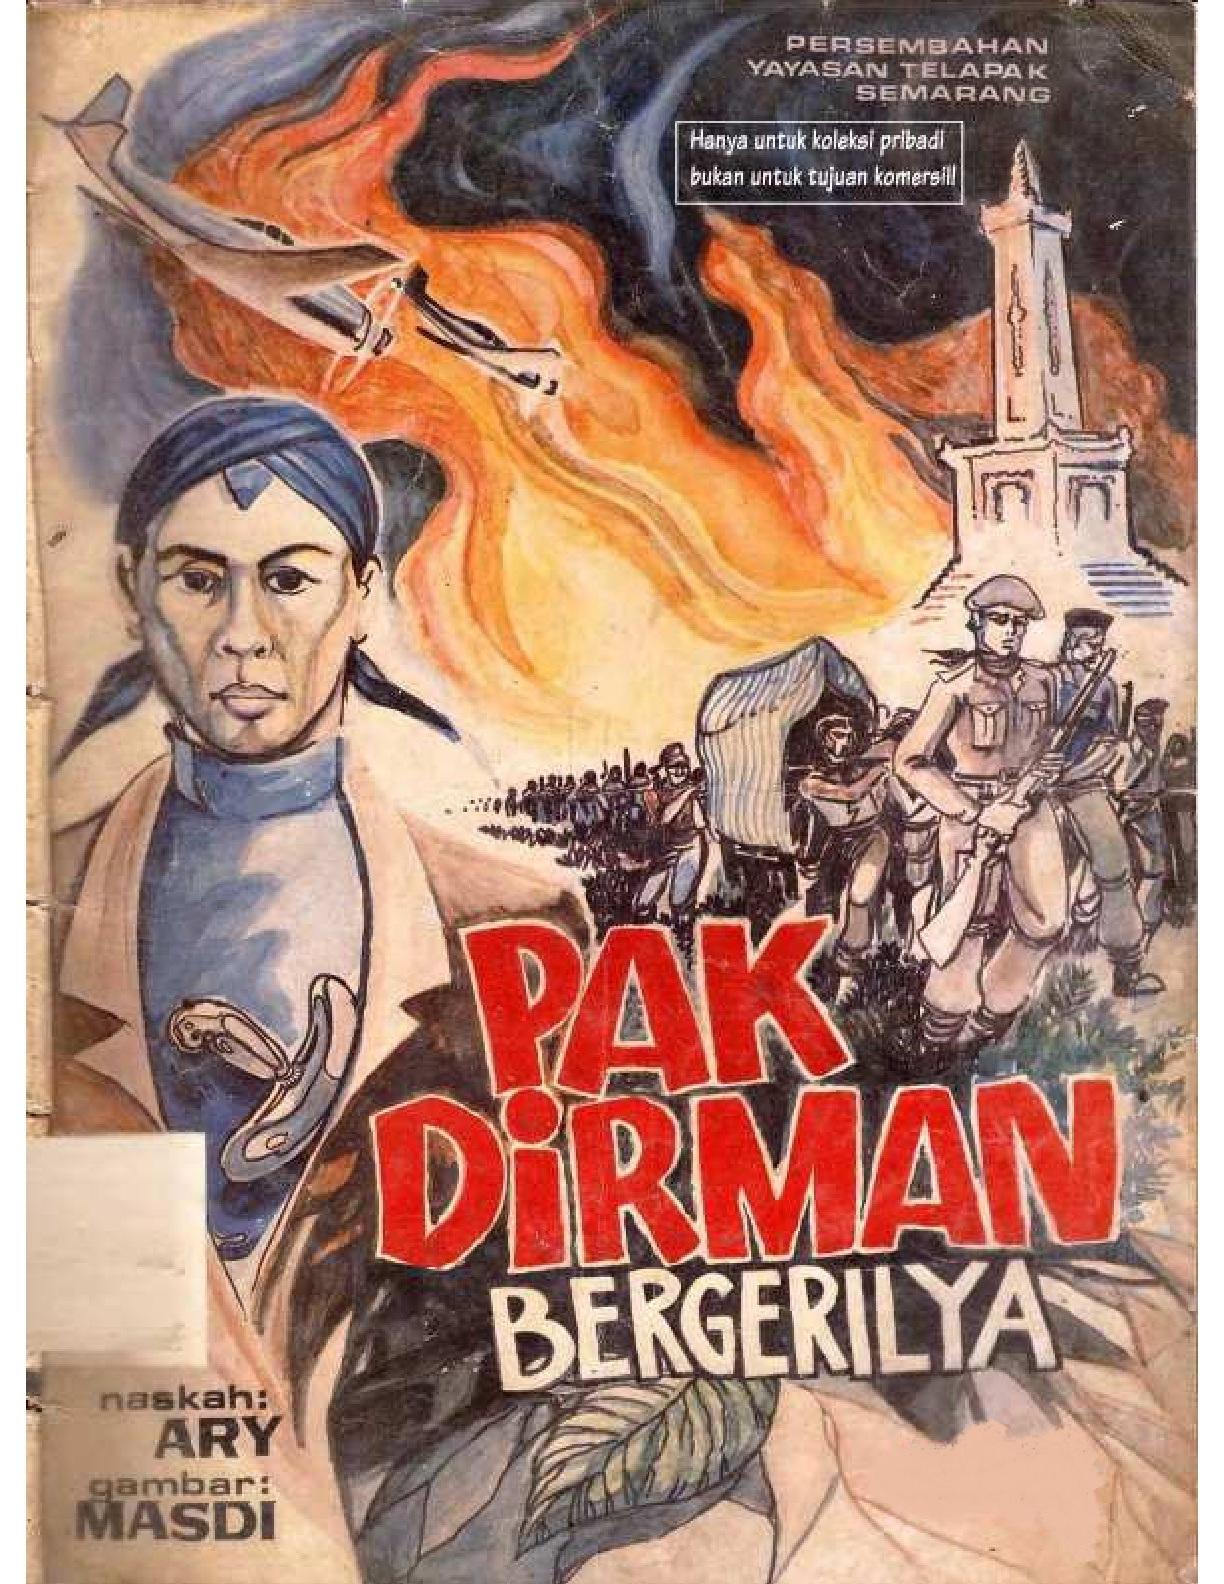 Pak Dirman Bergerilya Komik Sejarah Jenderal Sudirman